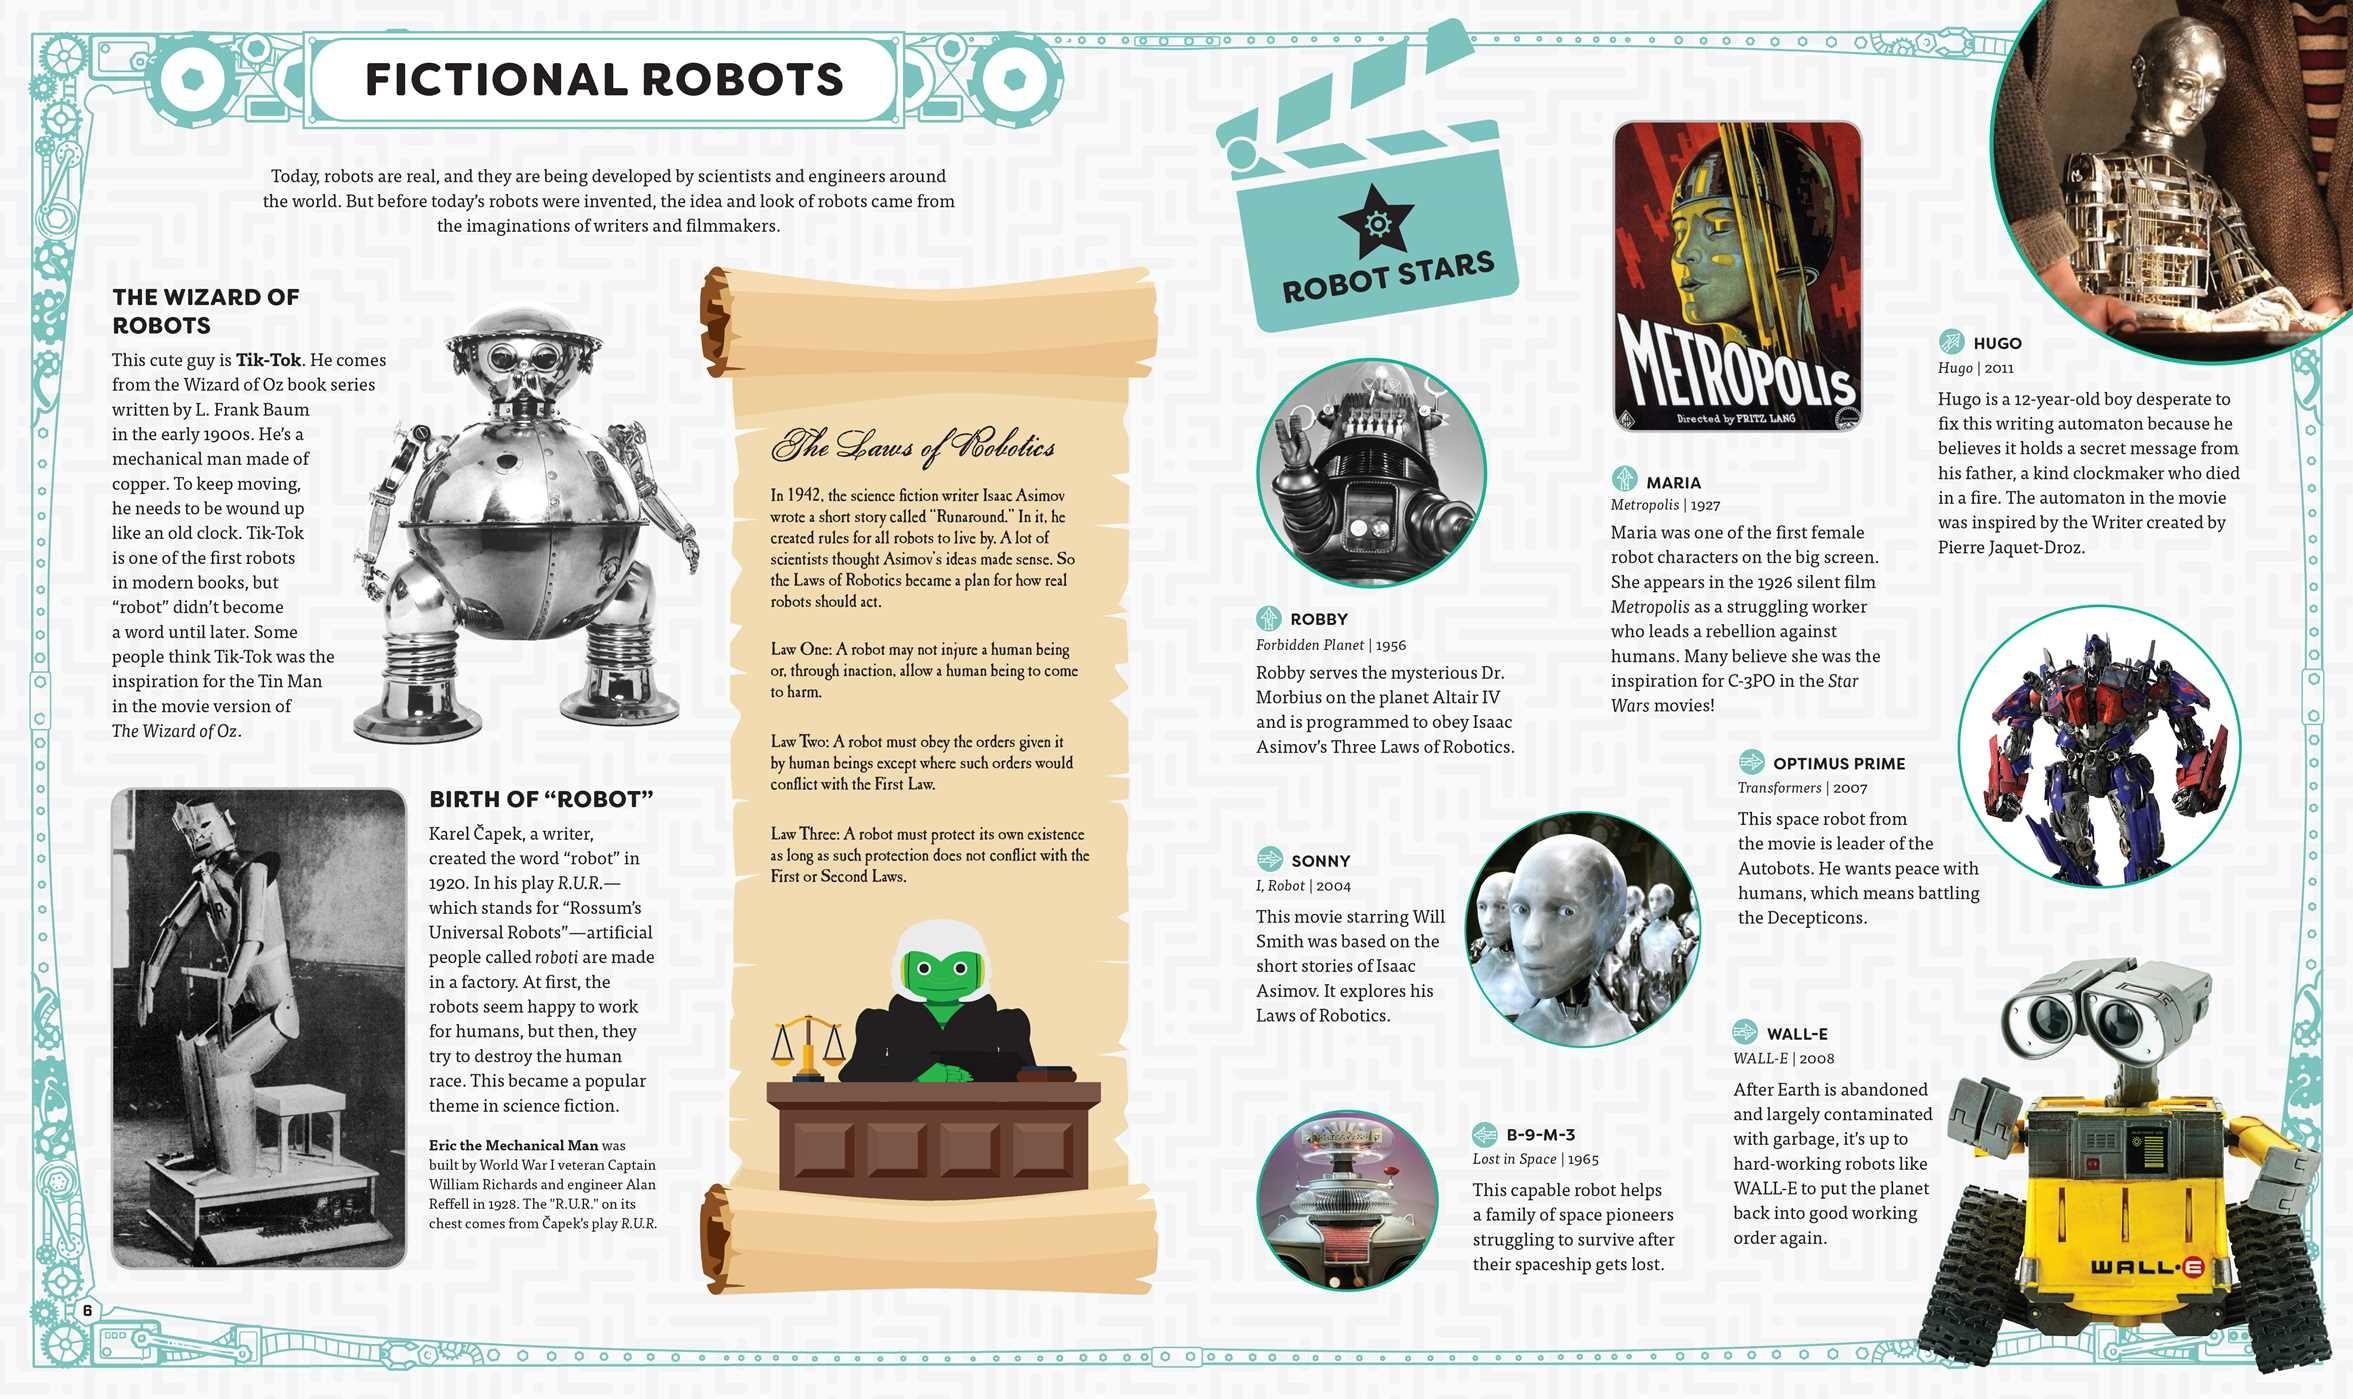 robotpedia1